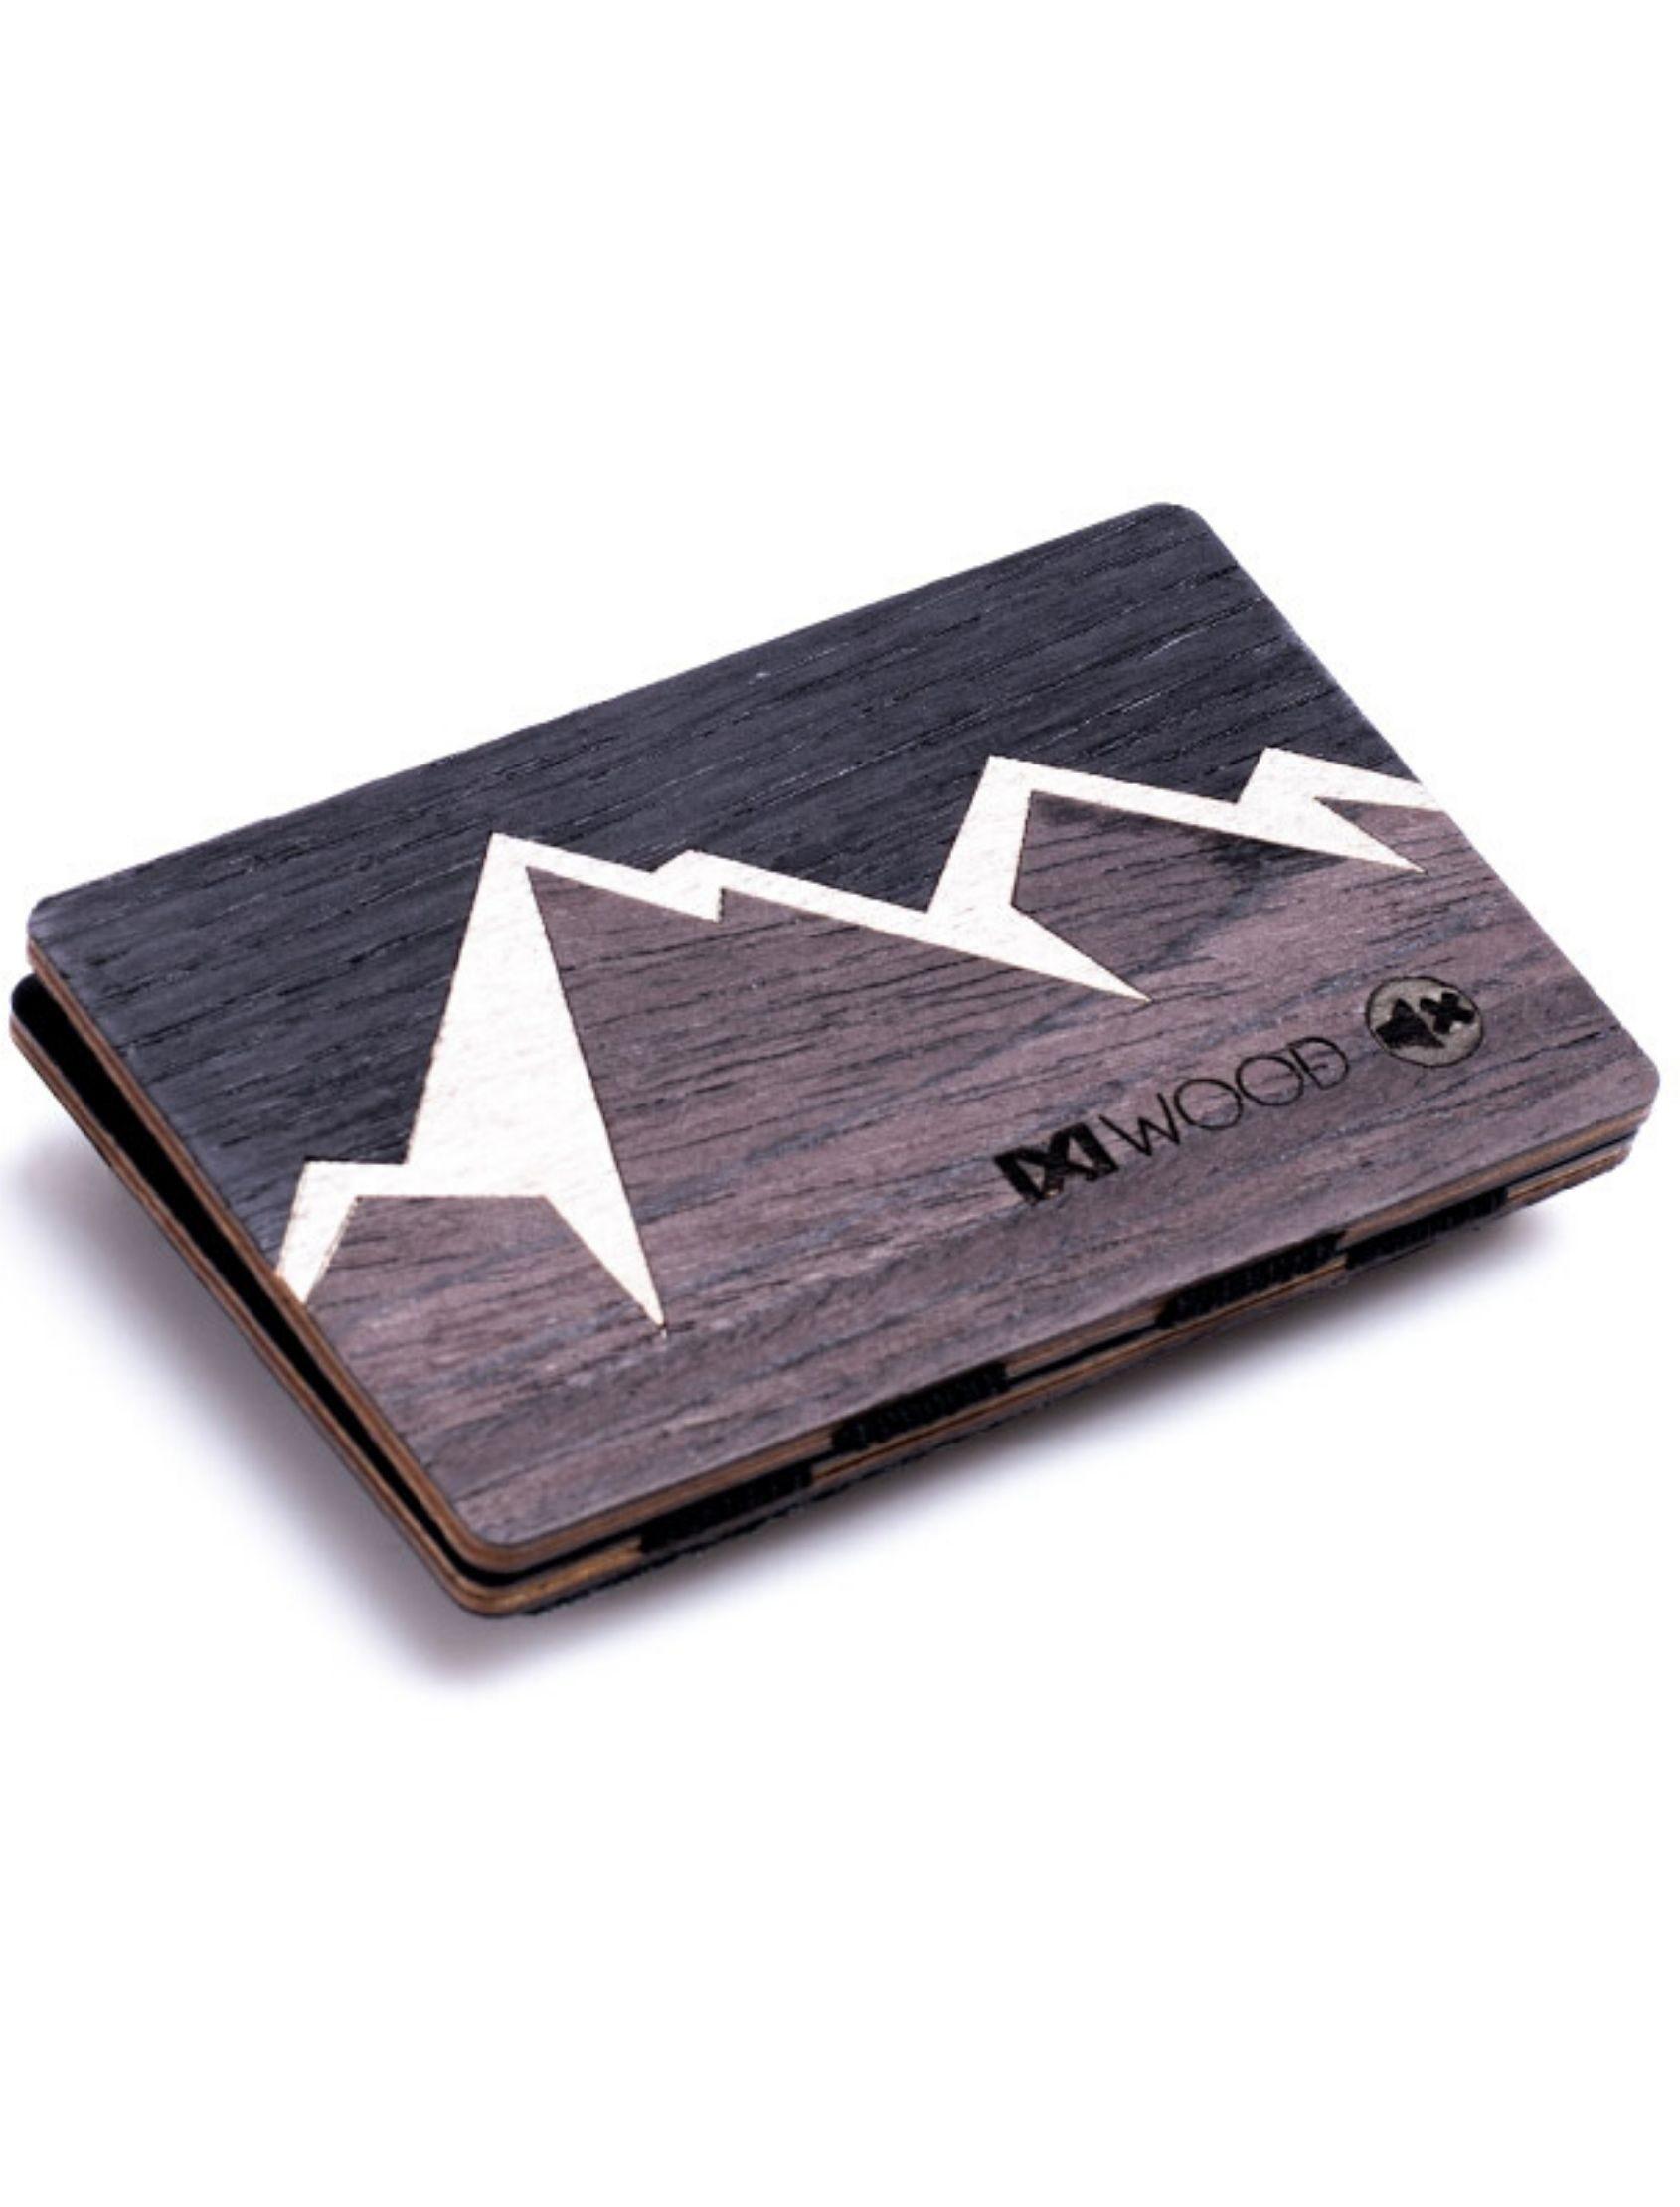 cartera de madera mountain con dibujo de montañas en tonos oscuros de ixi wood